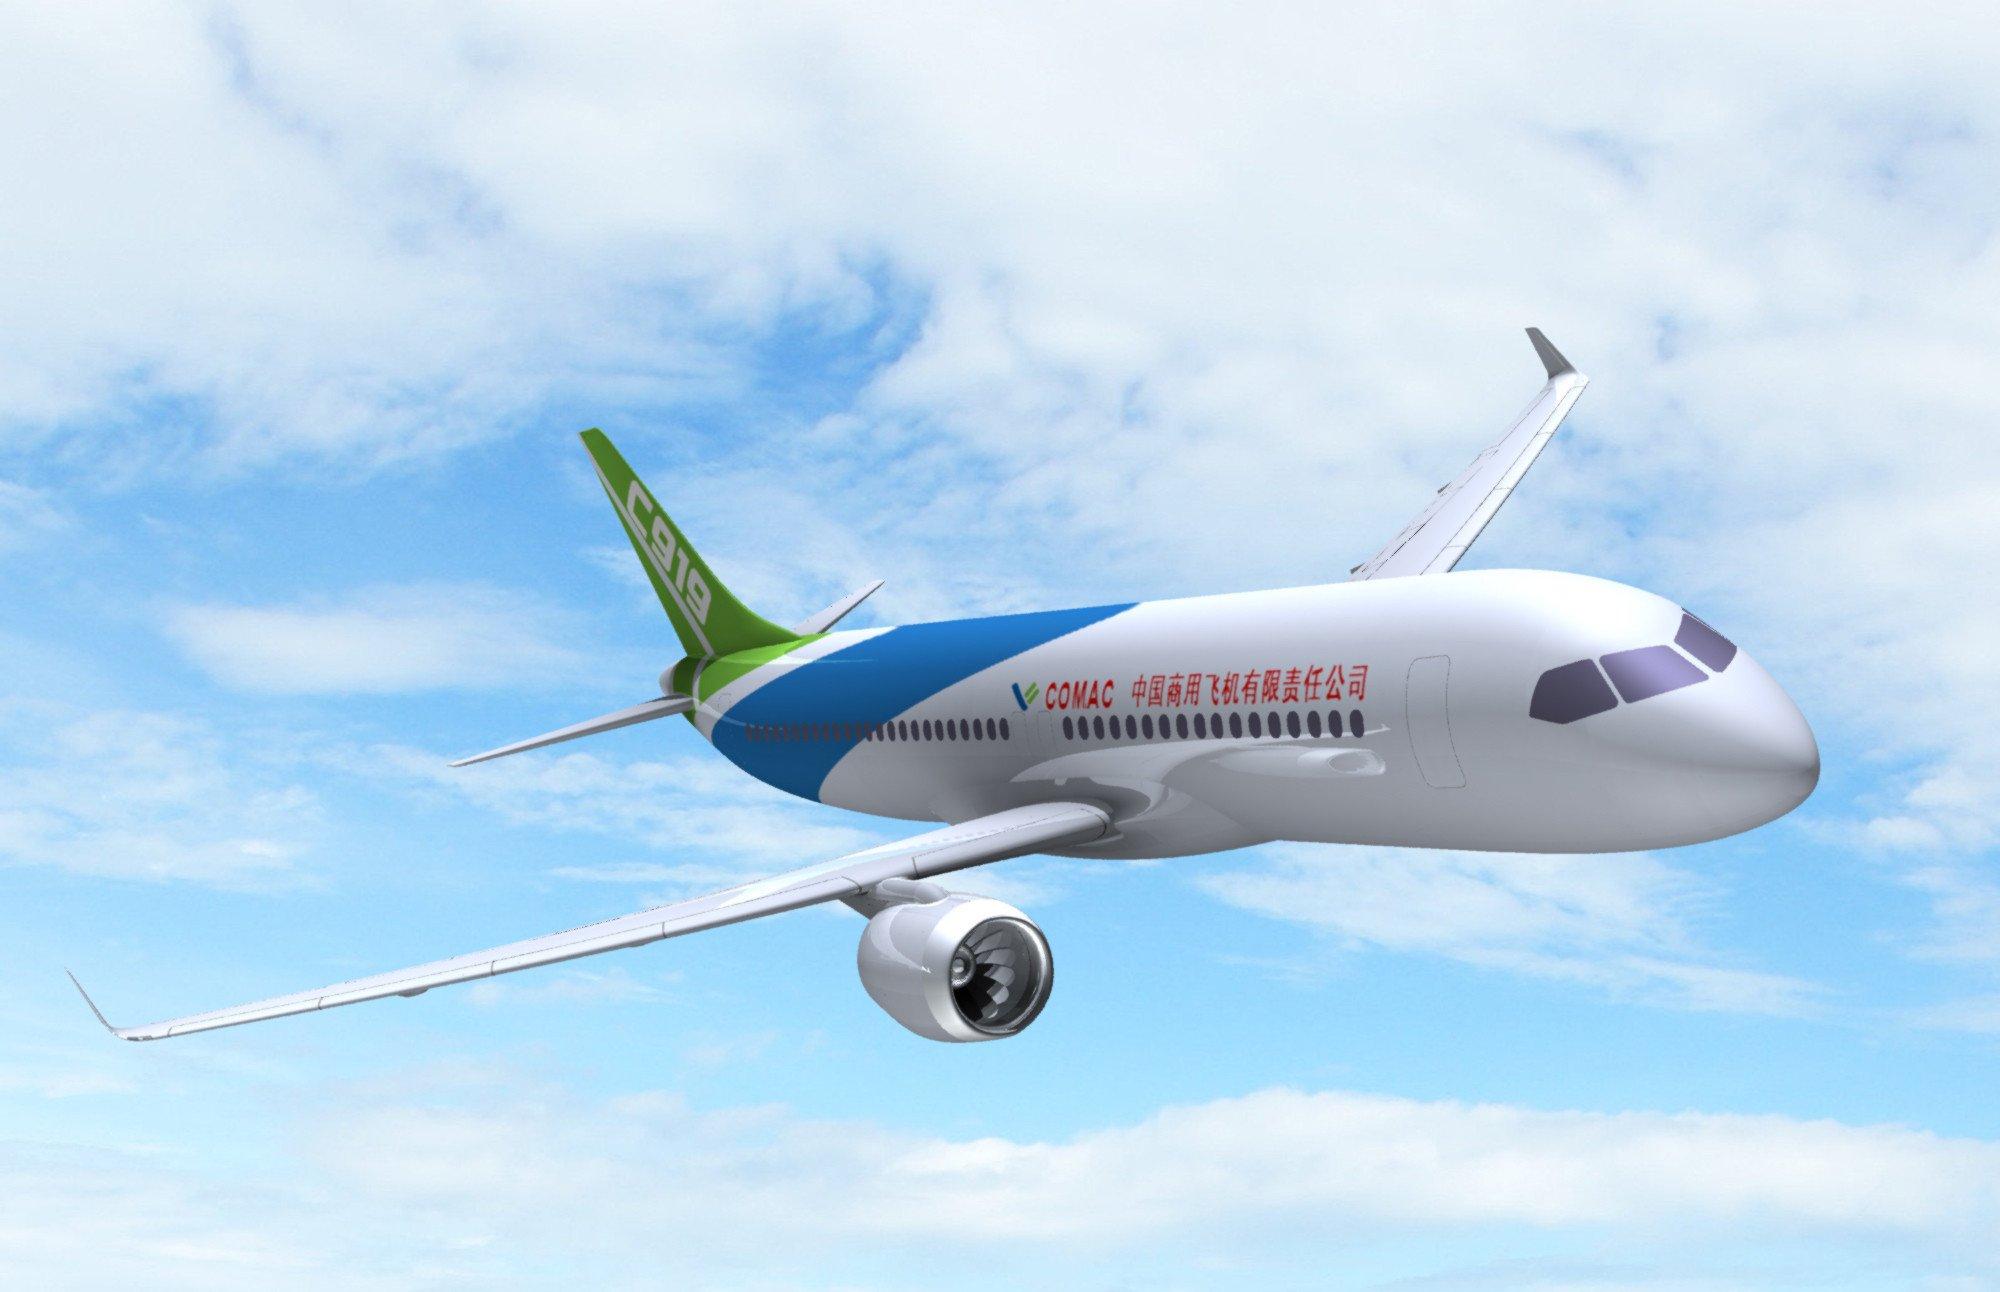 我国飞机租赁业迅速崛起打破国外垄断